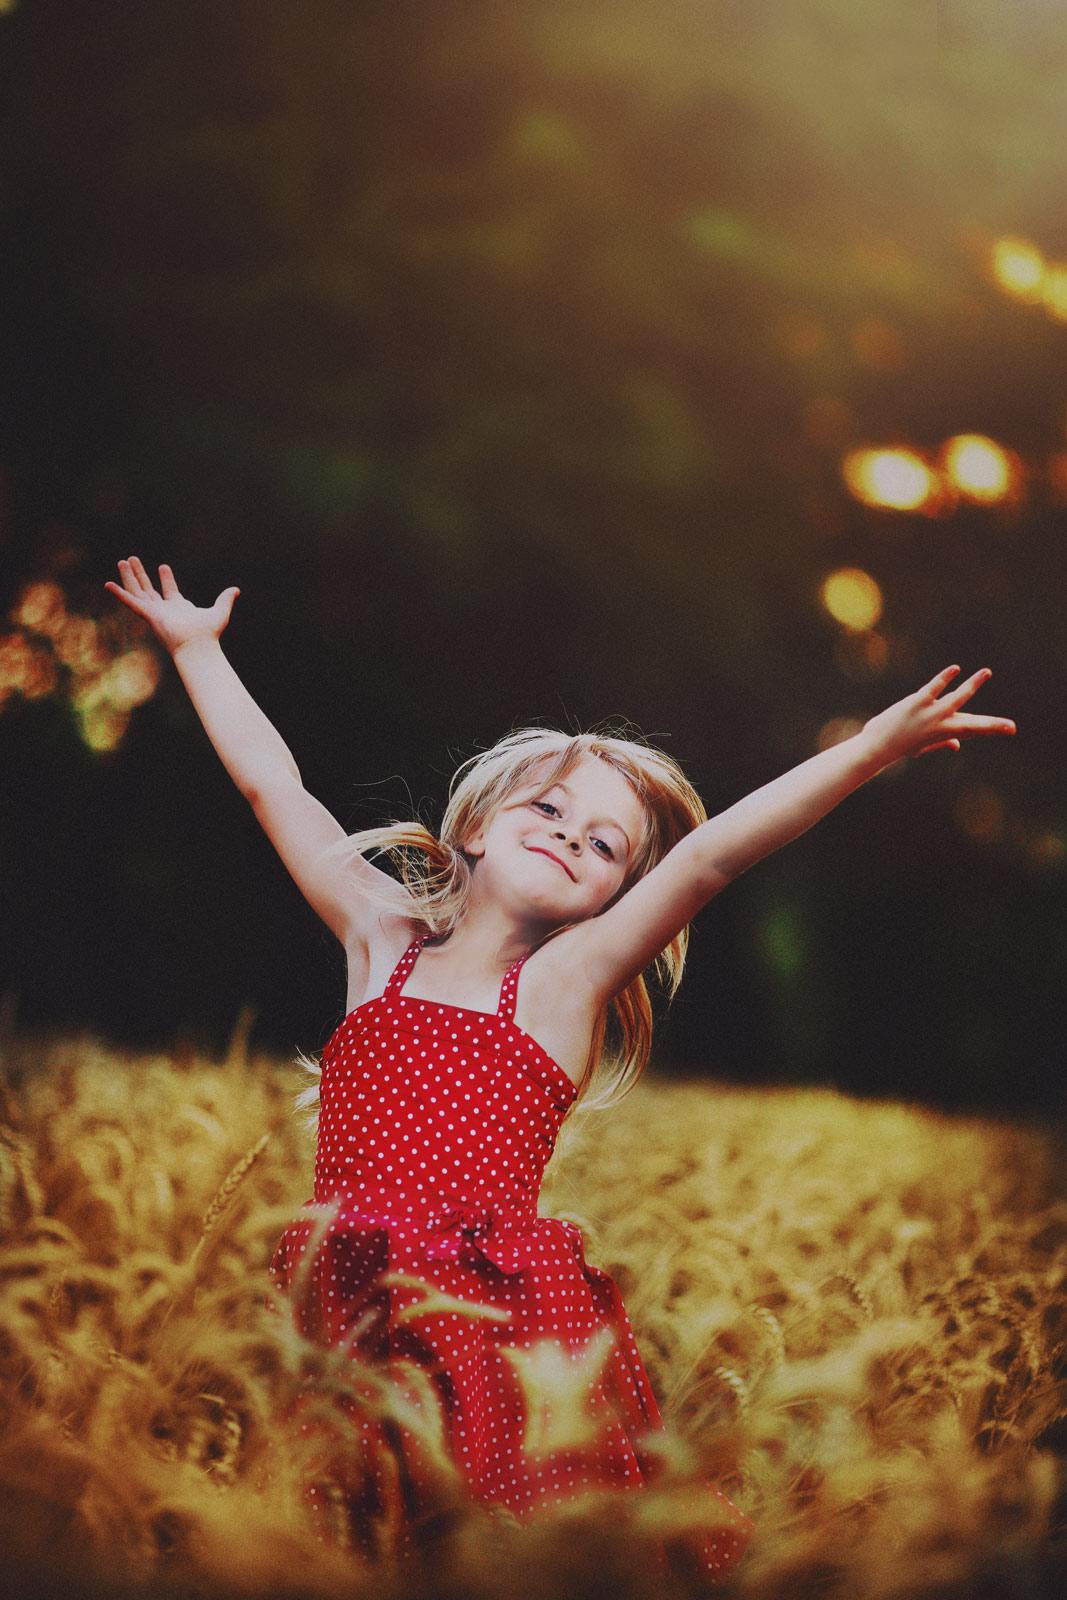 Fotografie dziecięce